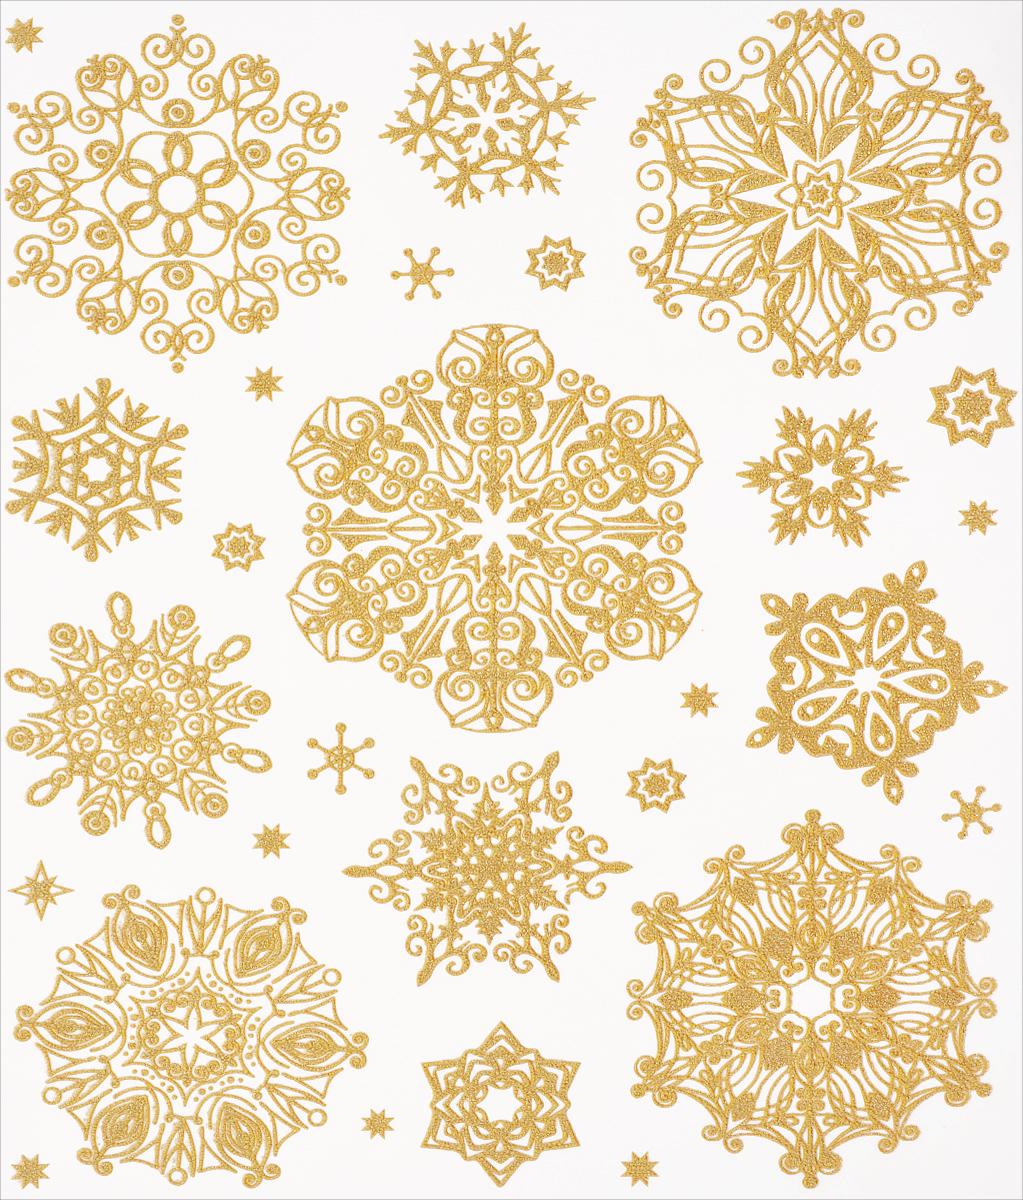 Новогоднее оконное украшение Феникс-Презент Снежинки. 3863738637Новогоднее оконное украшение Феникс-Презент Снежинки поможет украсить дом к предстоящим праздникам. На одном листе расположены наклейки в виде снежинок, декорированные блестками. Наклейки изготовлены из ПВХ. С помощью этих украшений вы сможете оживить интерьер по своему вкусу, наклеить их на окно, на зеркало. Новогодние украшения всегда несут в себе волшебство и красоту праздника. Создайте в своем доме атмосферу тепла, веселья и радости, украшая его всей семьей. Размер листа: 30 см х 38 см. Размер самой большой наклейки: 13,5 см х 11,5 см. Размер самой маленькой наклейки: 2 см х 2 см.